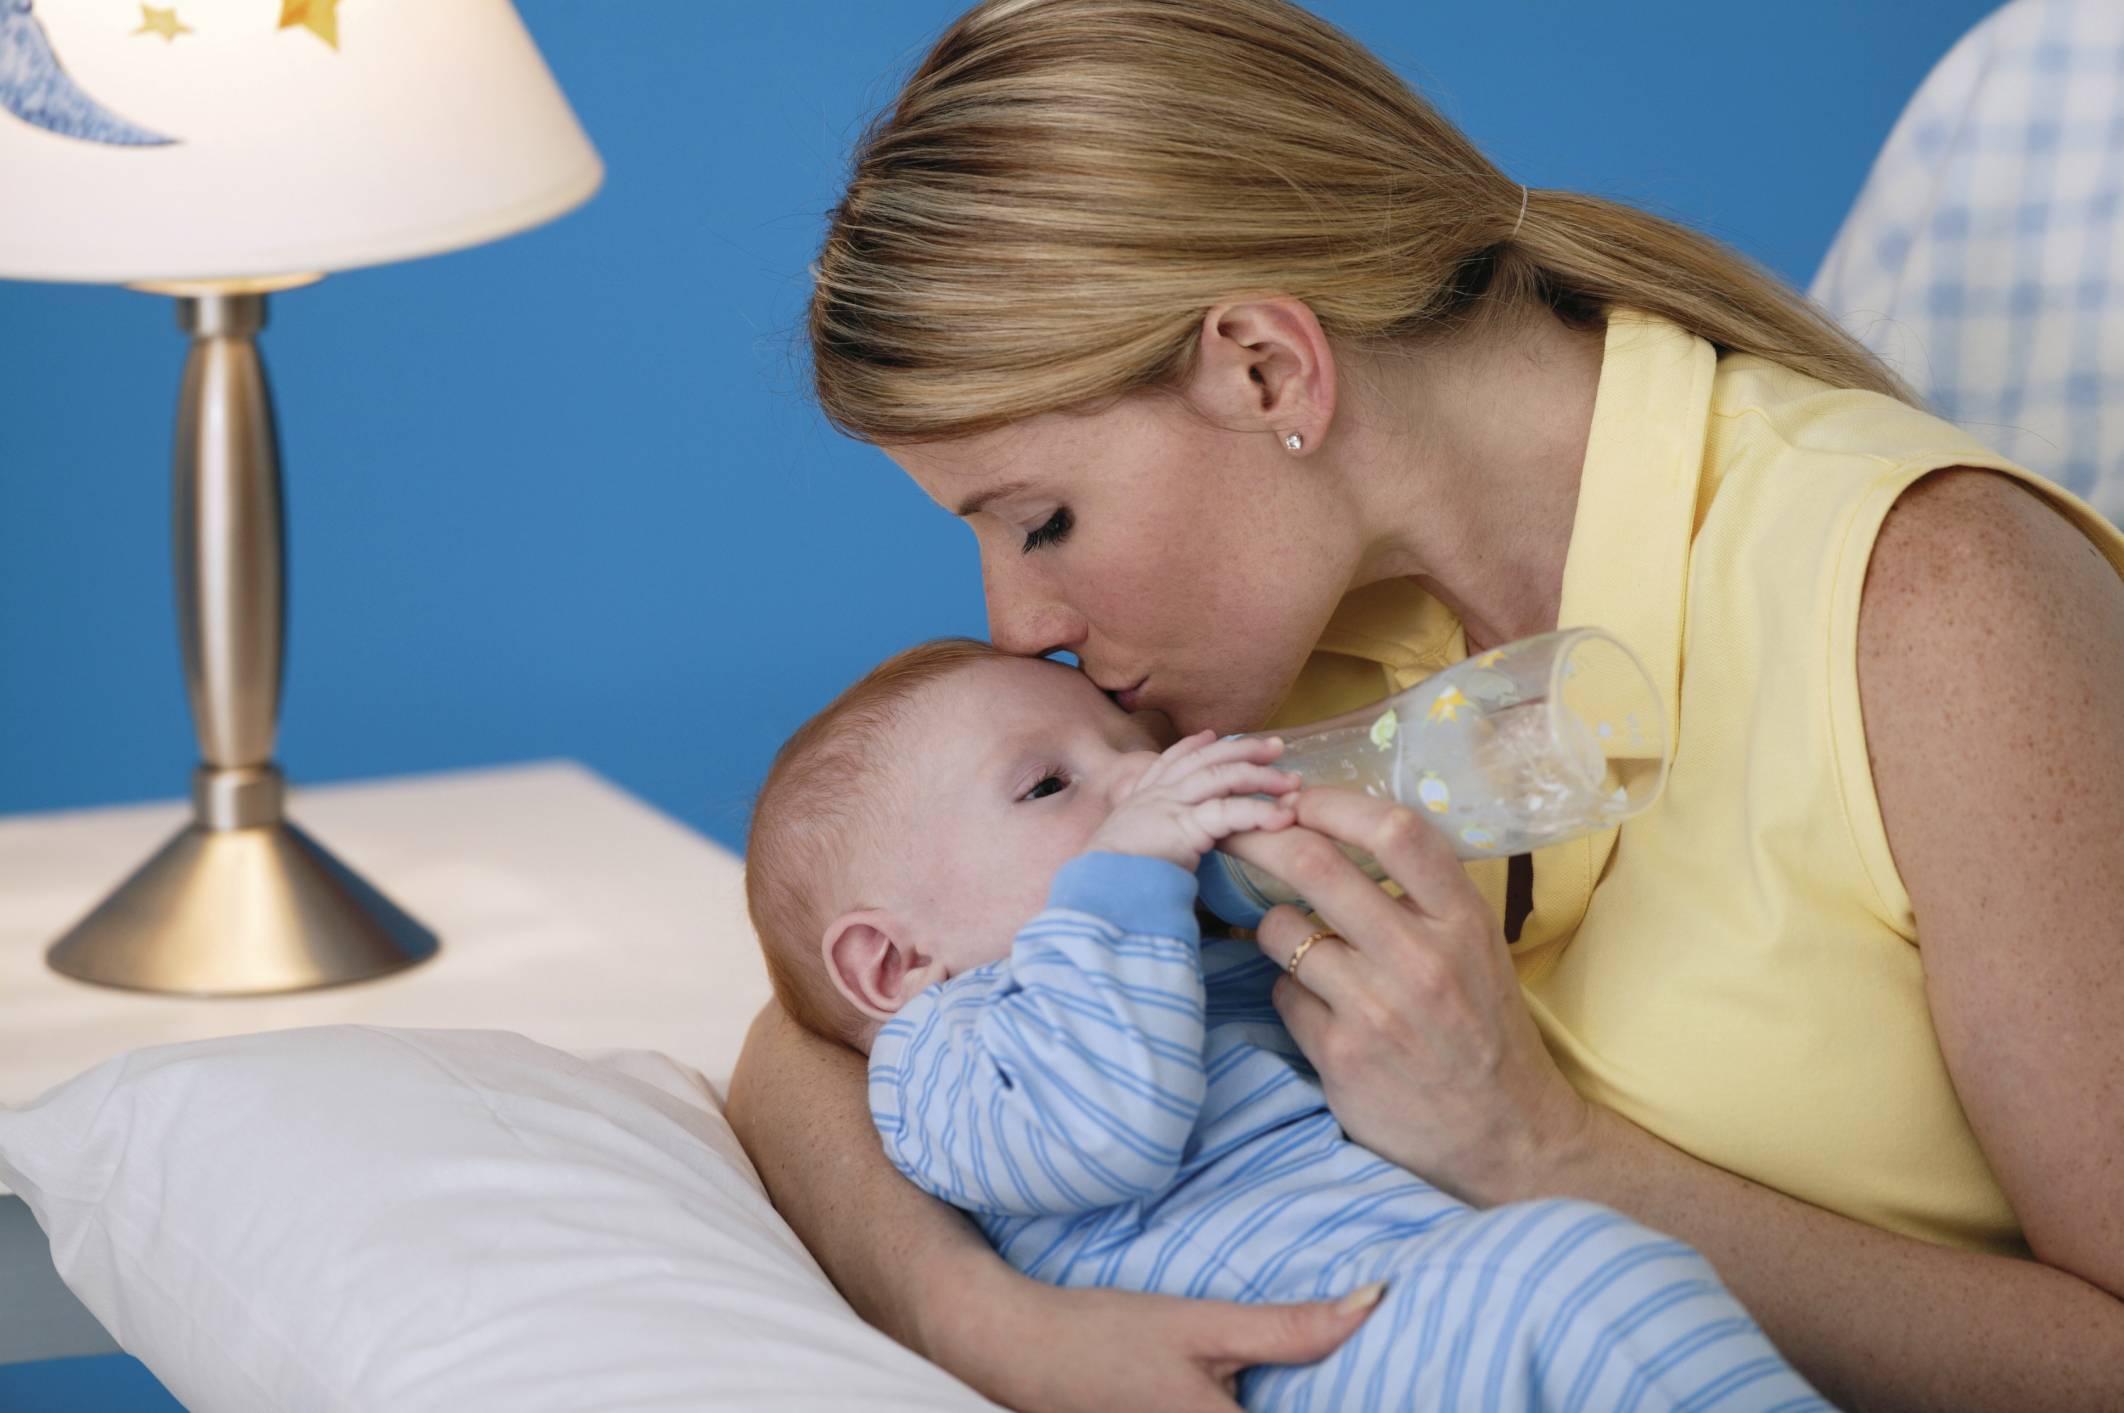 Чем лечить насморк у кормящей мамы: препараты, народные средства